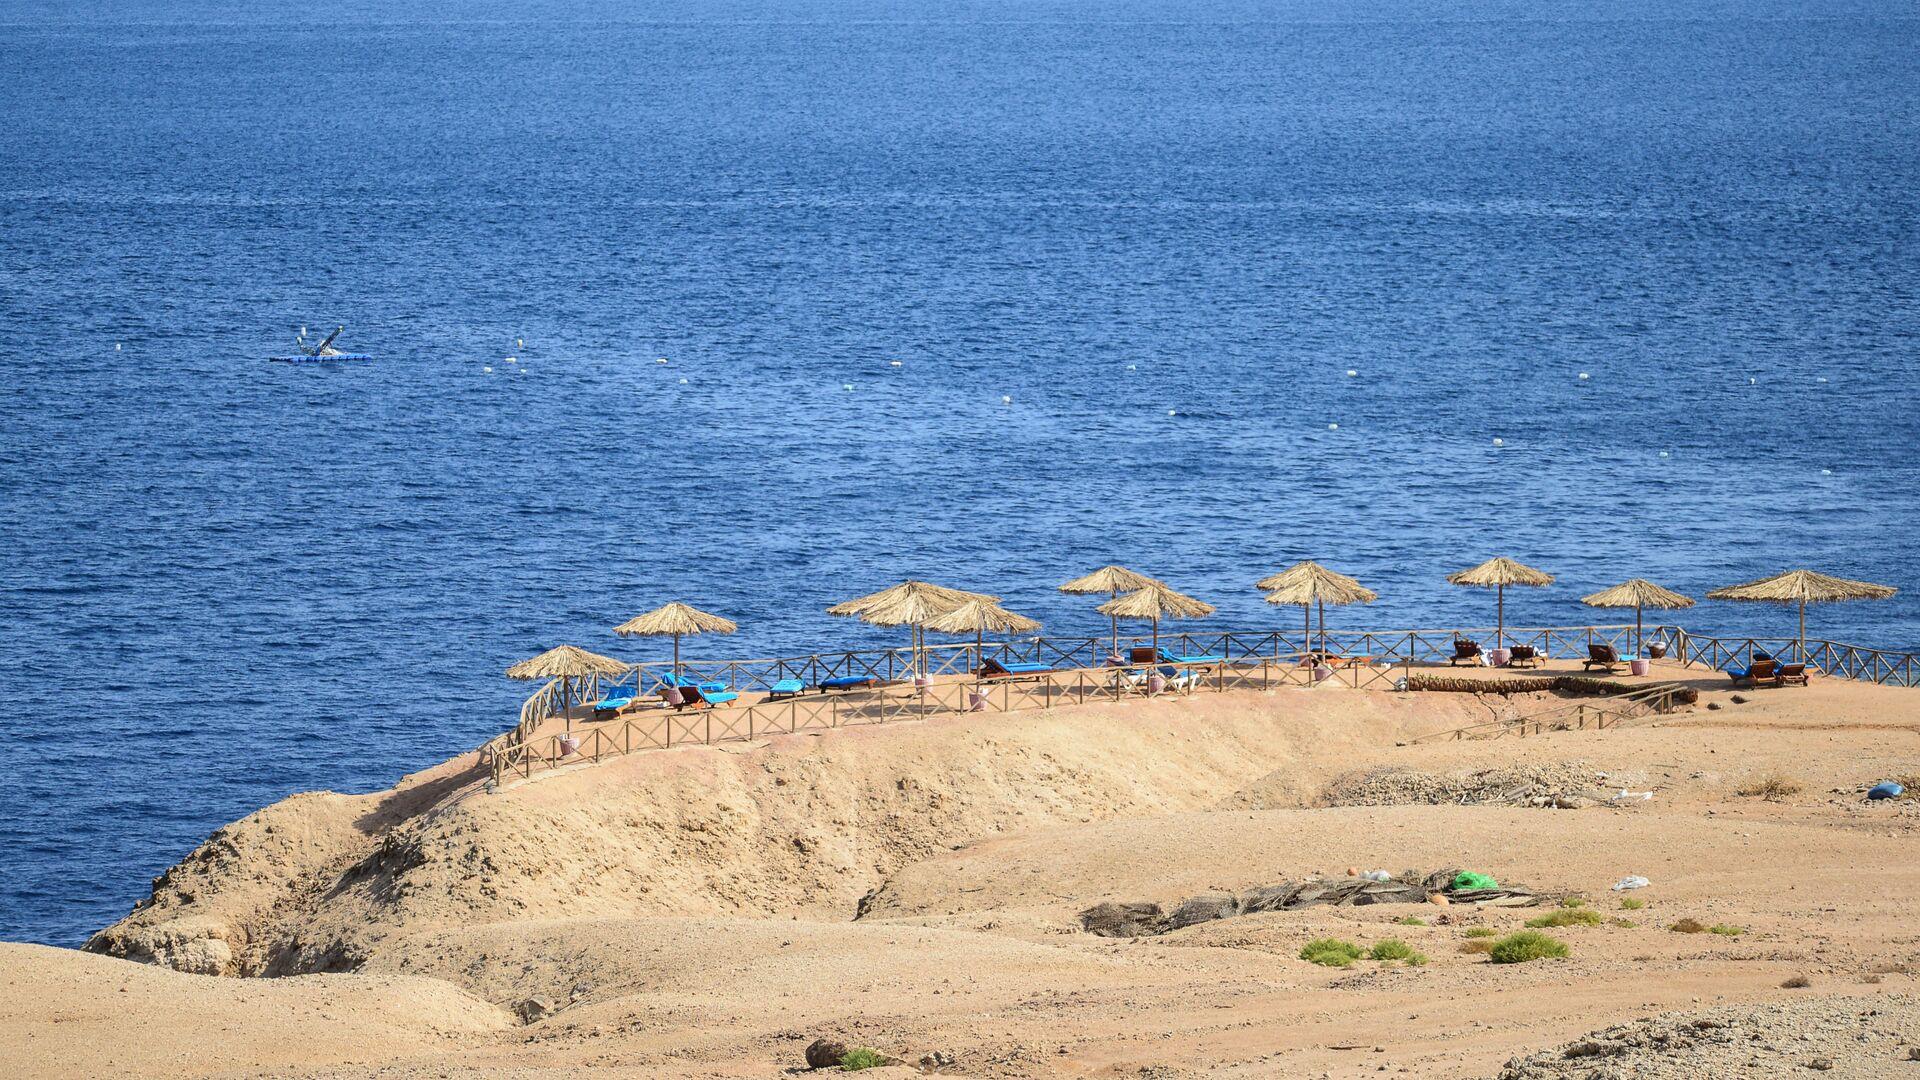 Вид на пляж в Шарм-эль-Шейхе - РИА Новости, 1920, 11.07.2020